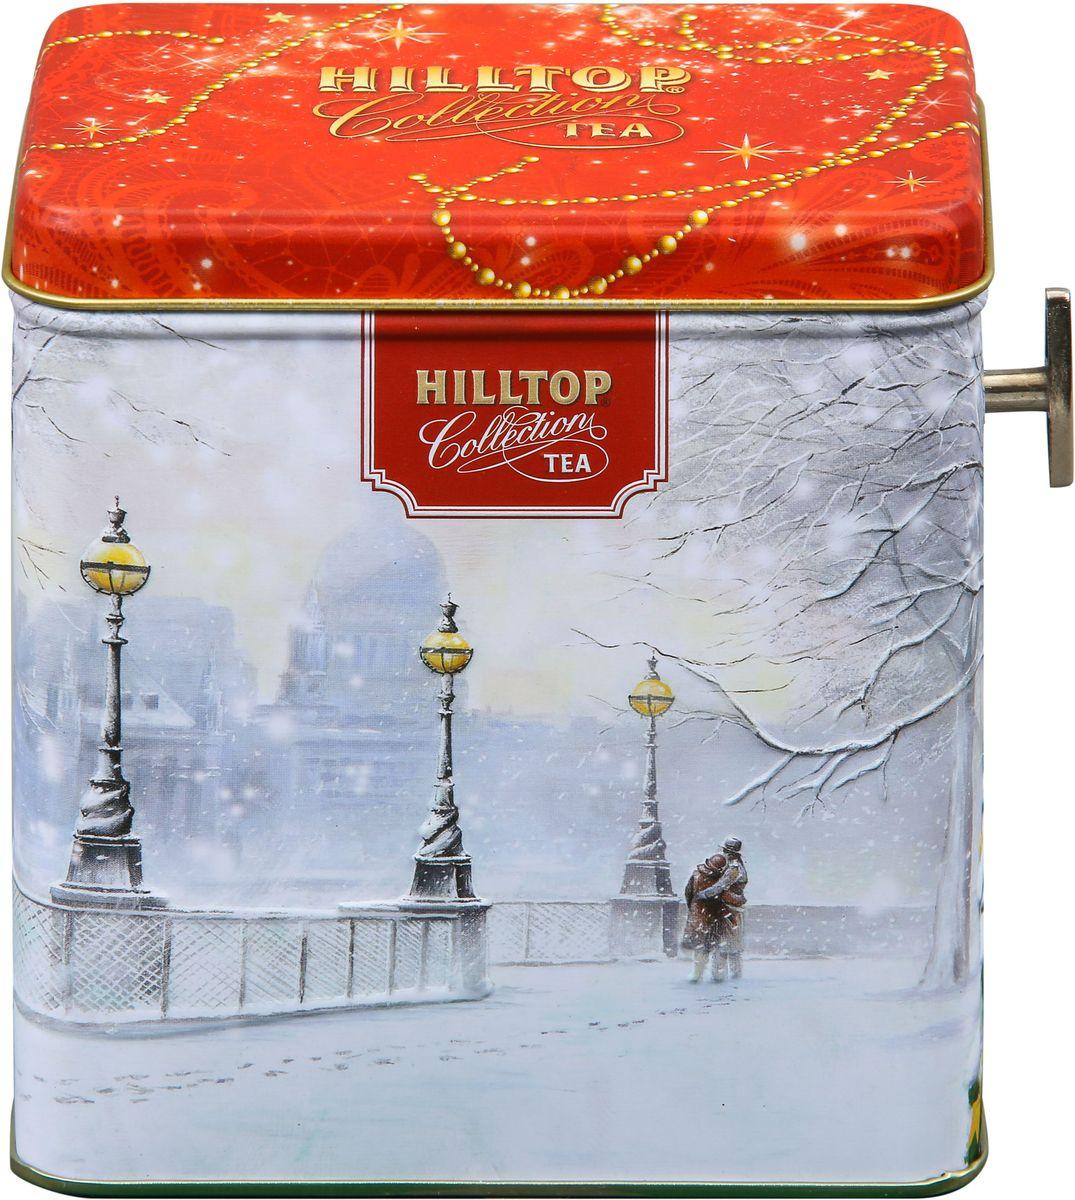 Hilltop Шкатулка Заснеженный город Эрл Грей ароматизированный листовой чай, 100 г ароматизированный чёрный чай эрл грей голубой цветок 100 г